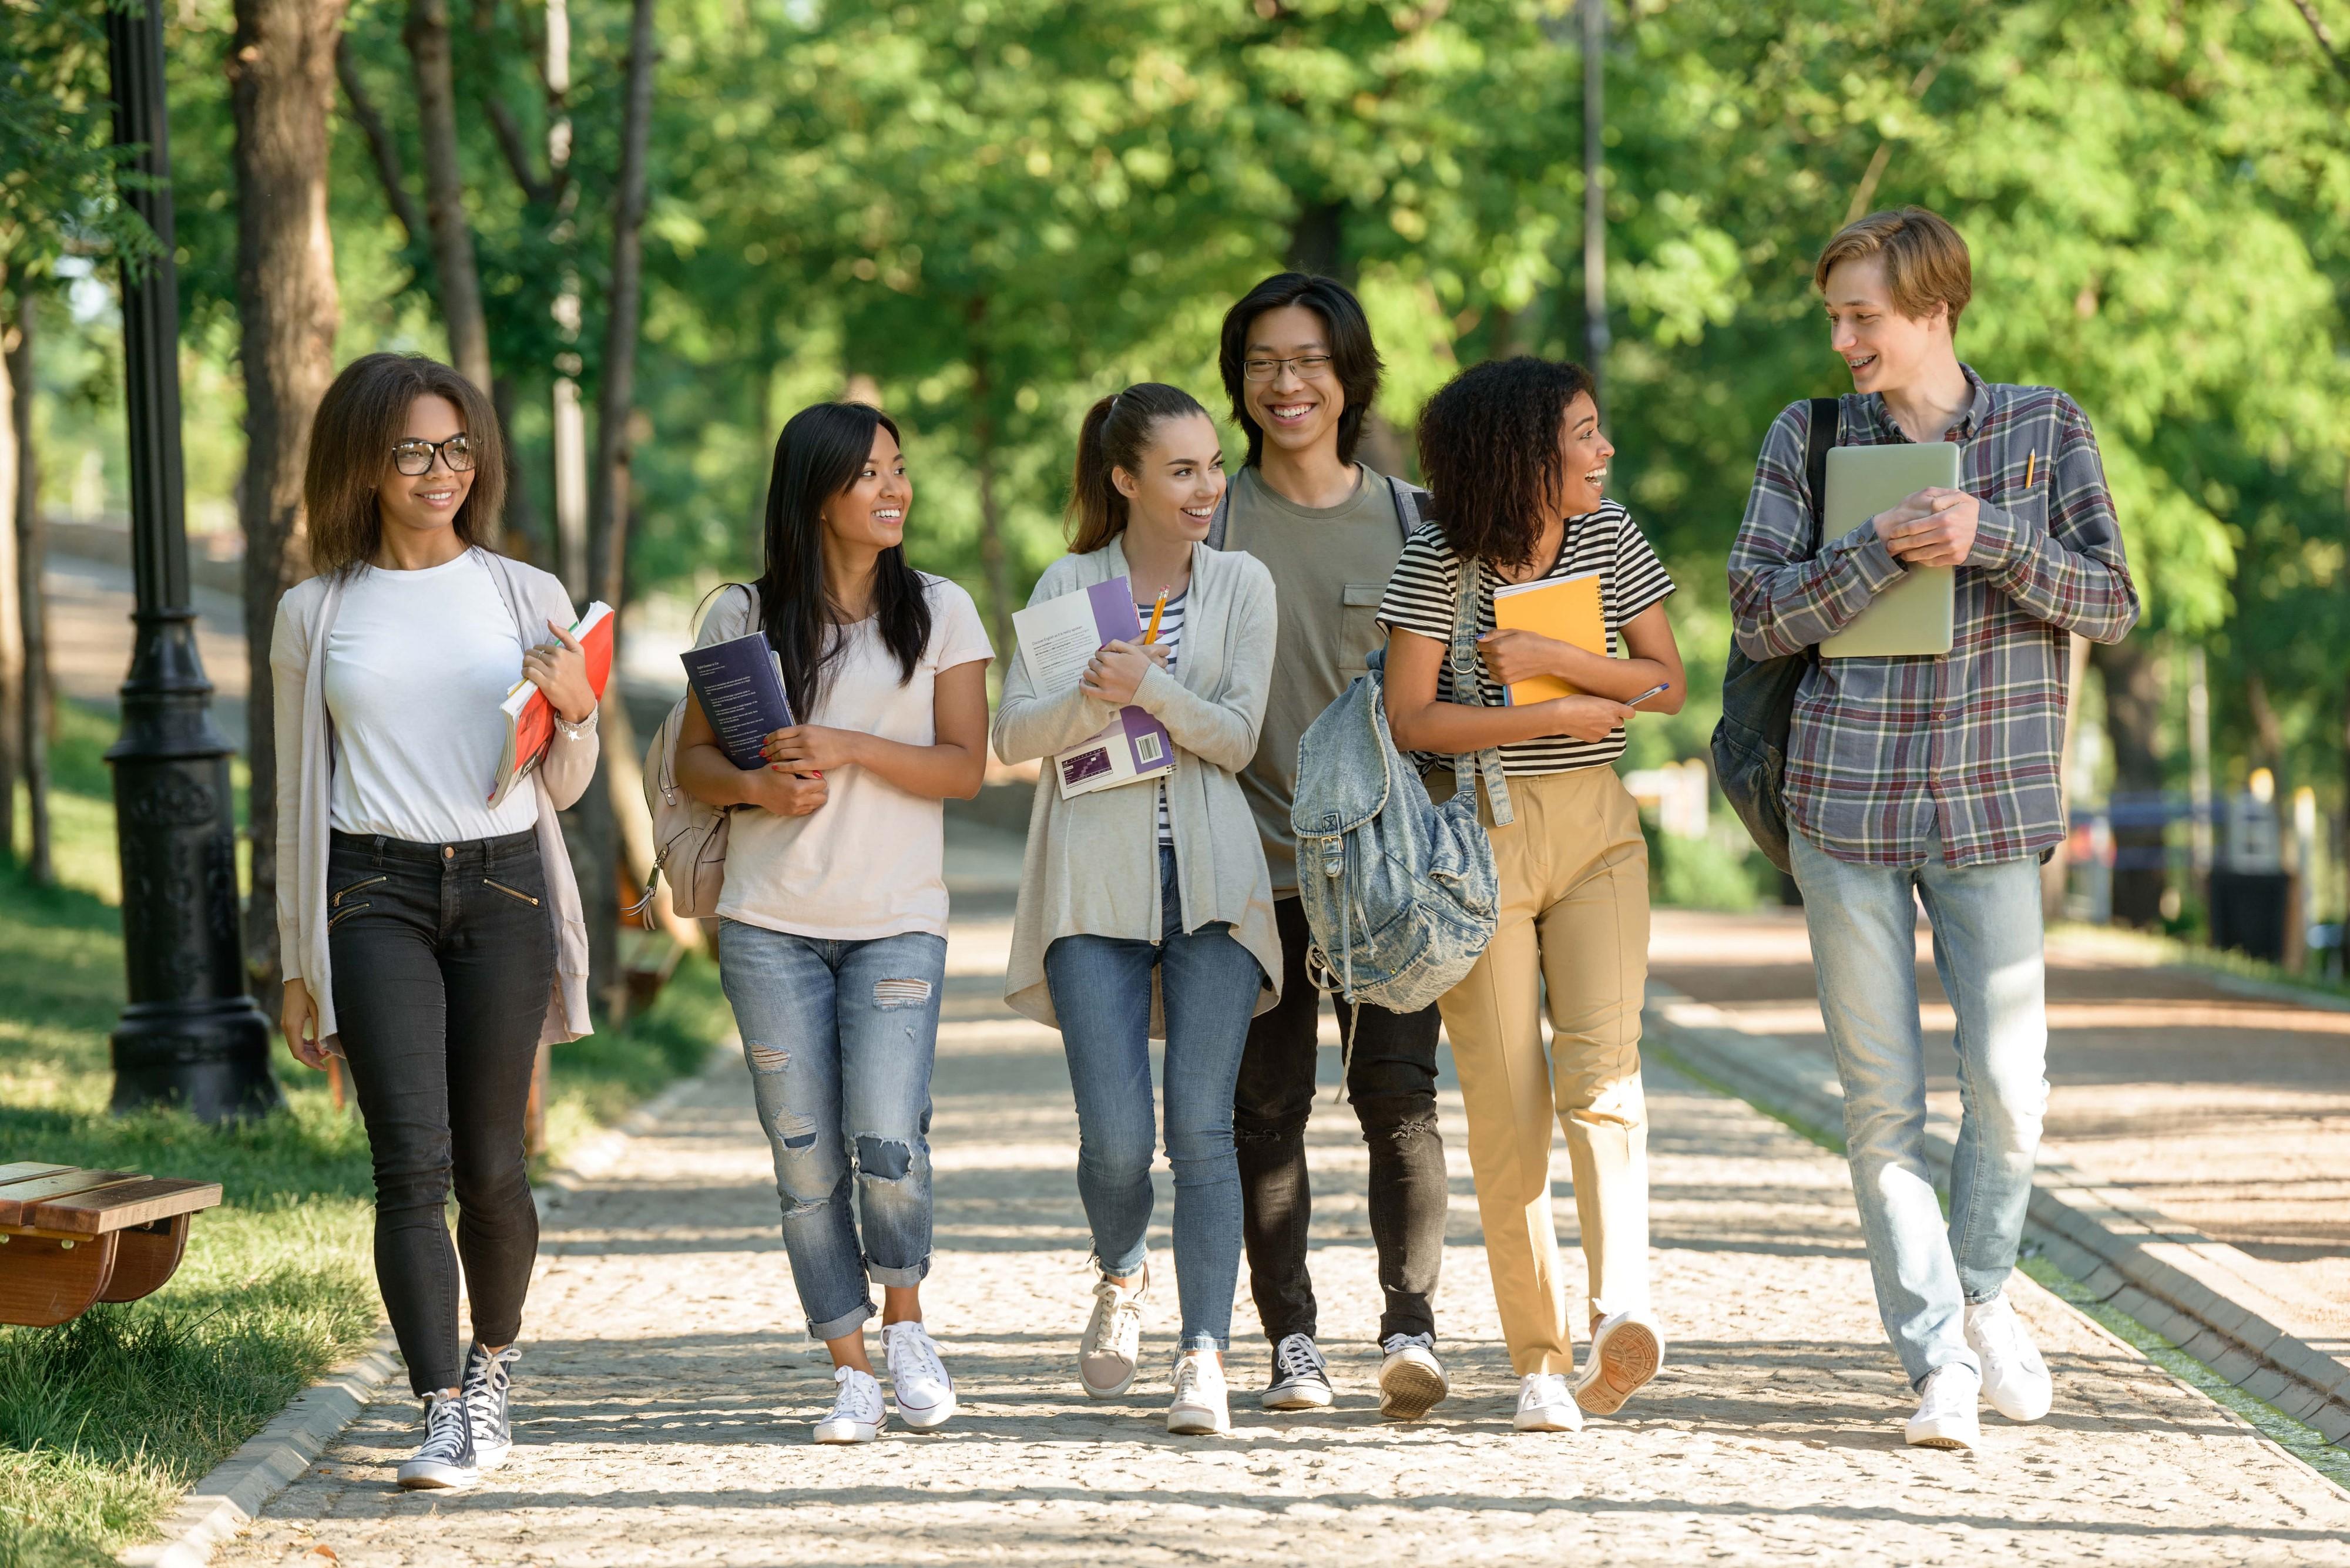 【'21/4/9更新】コロナ禍アメリカ大学入試でSAT/ACTの反映され方